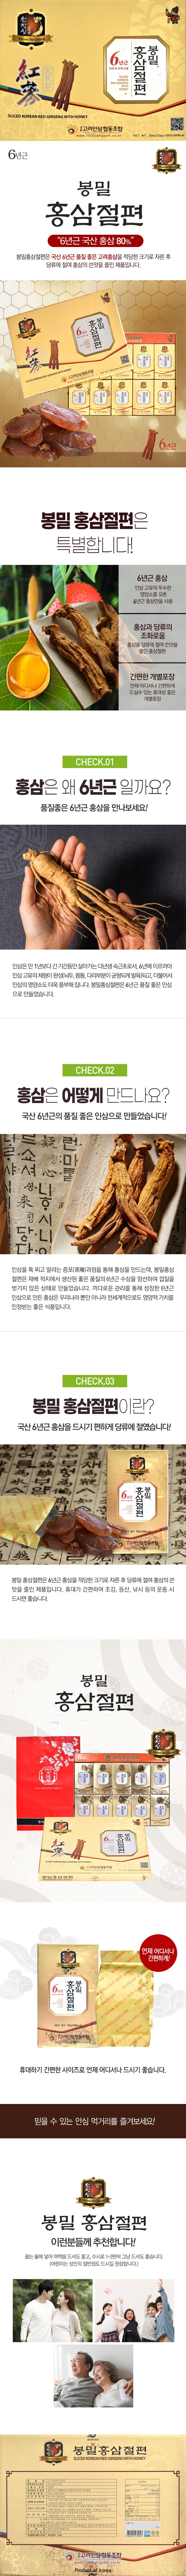 봉밀절편홍삼